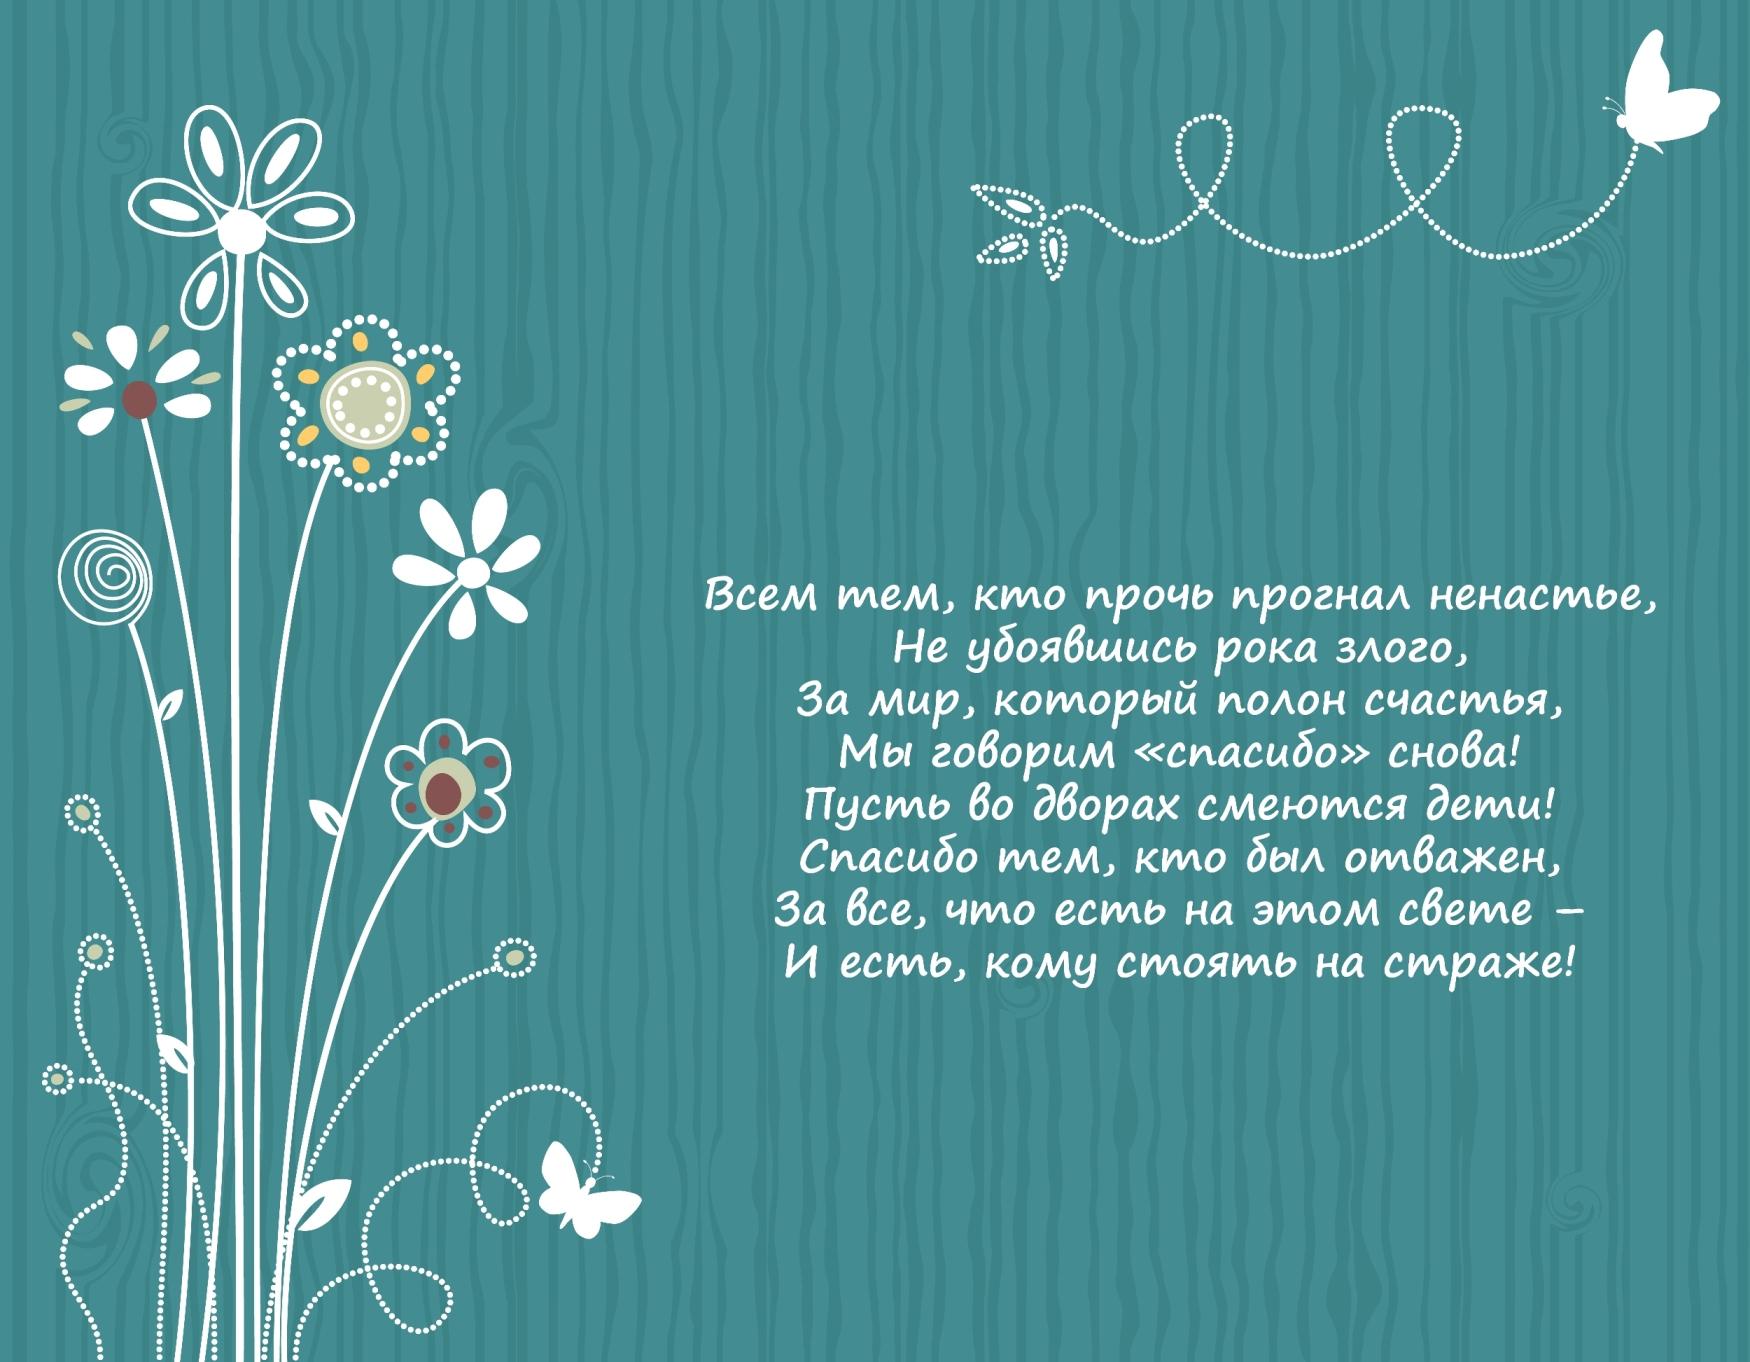 Красивые поздравления с Днем Победы в стихах